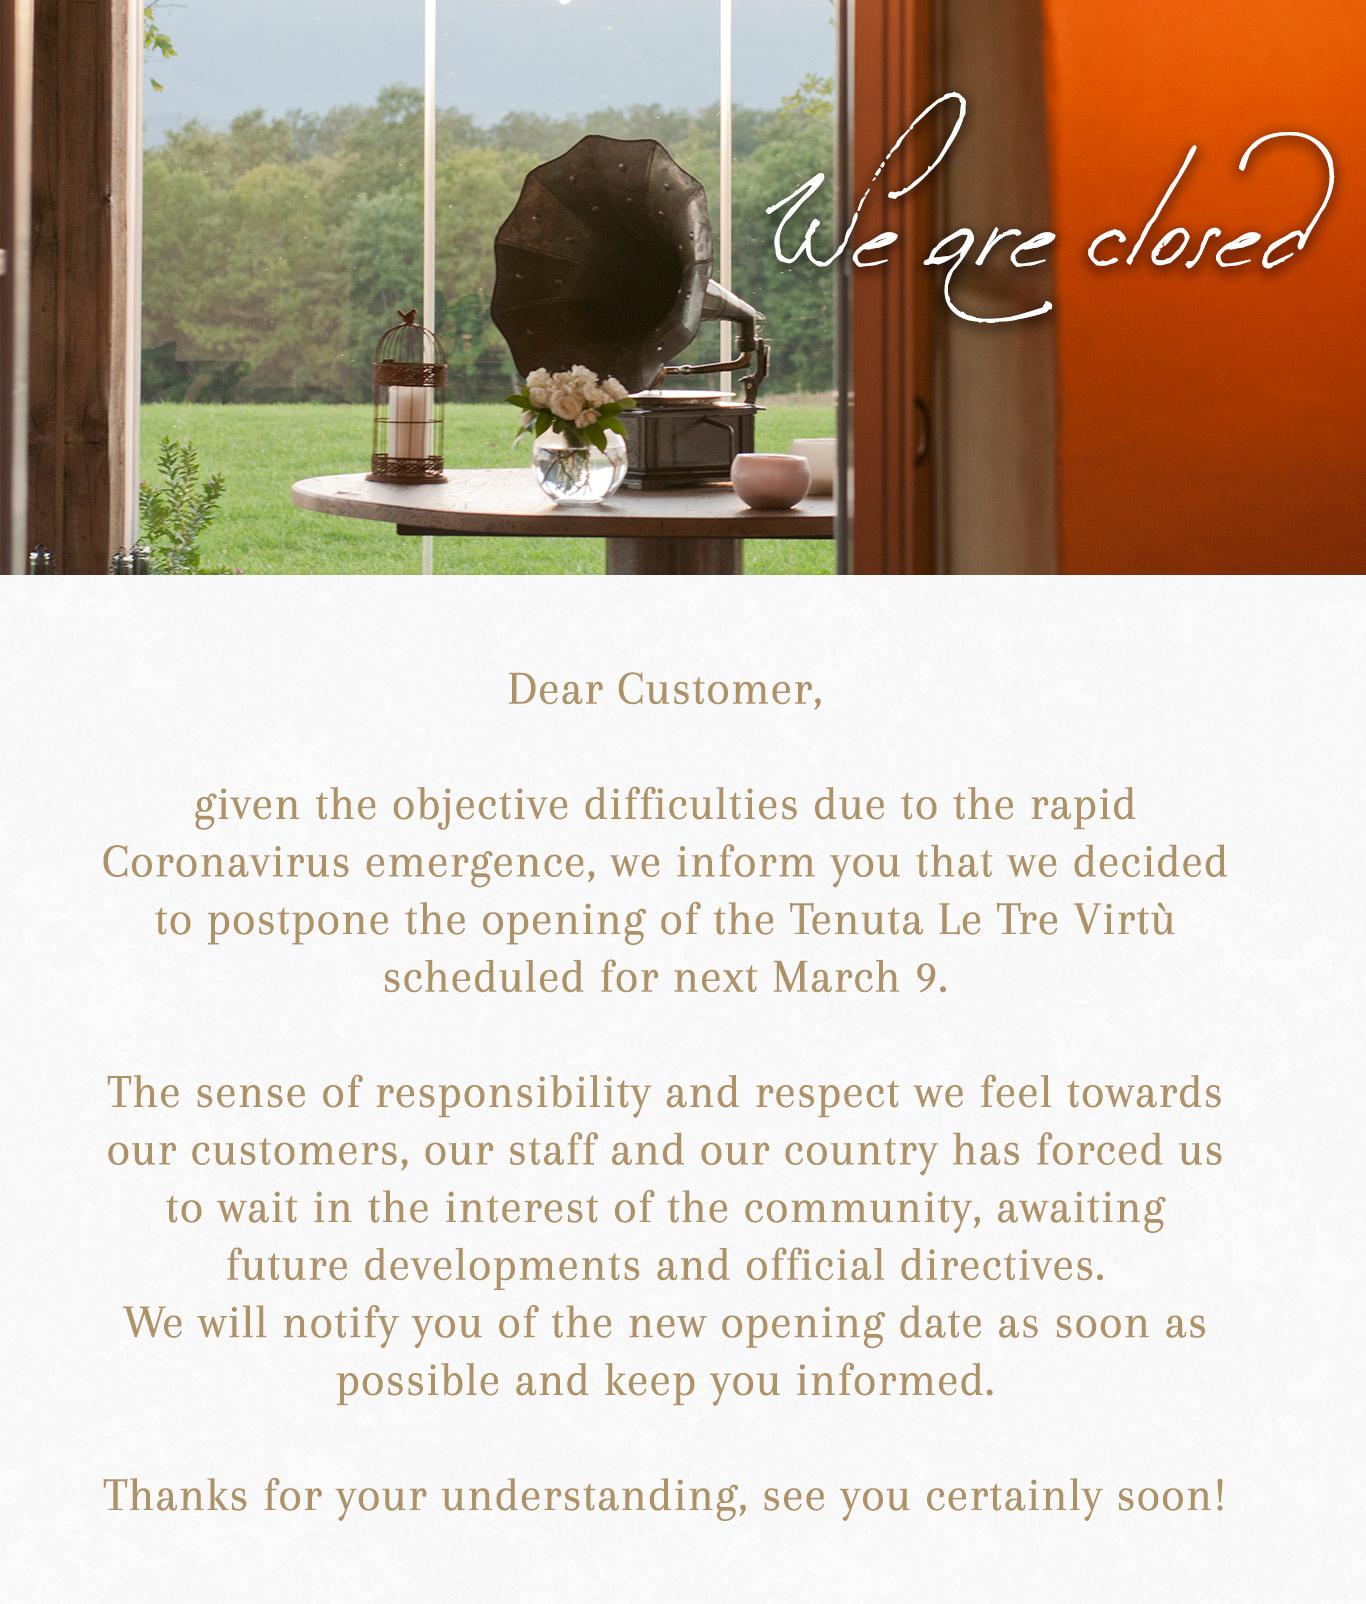 Reopening postponed